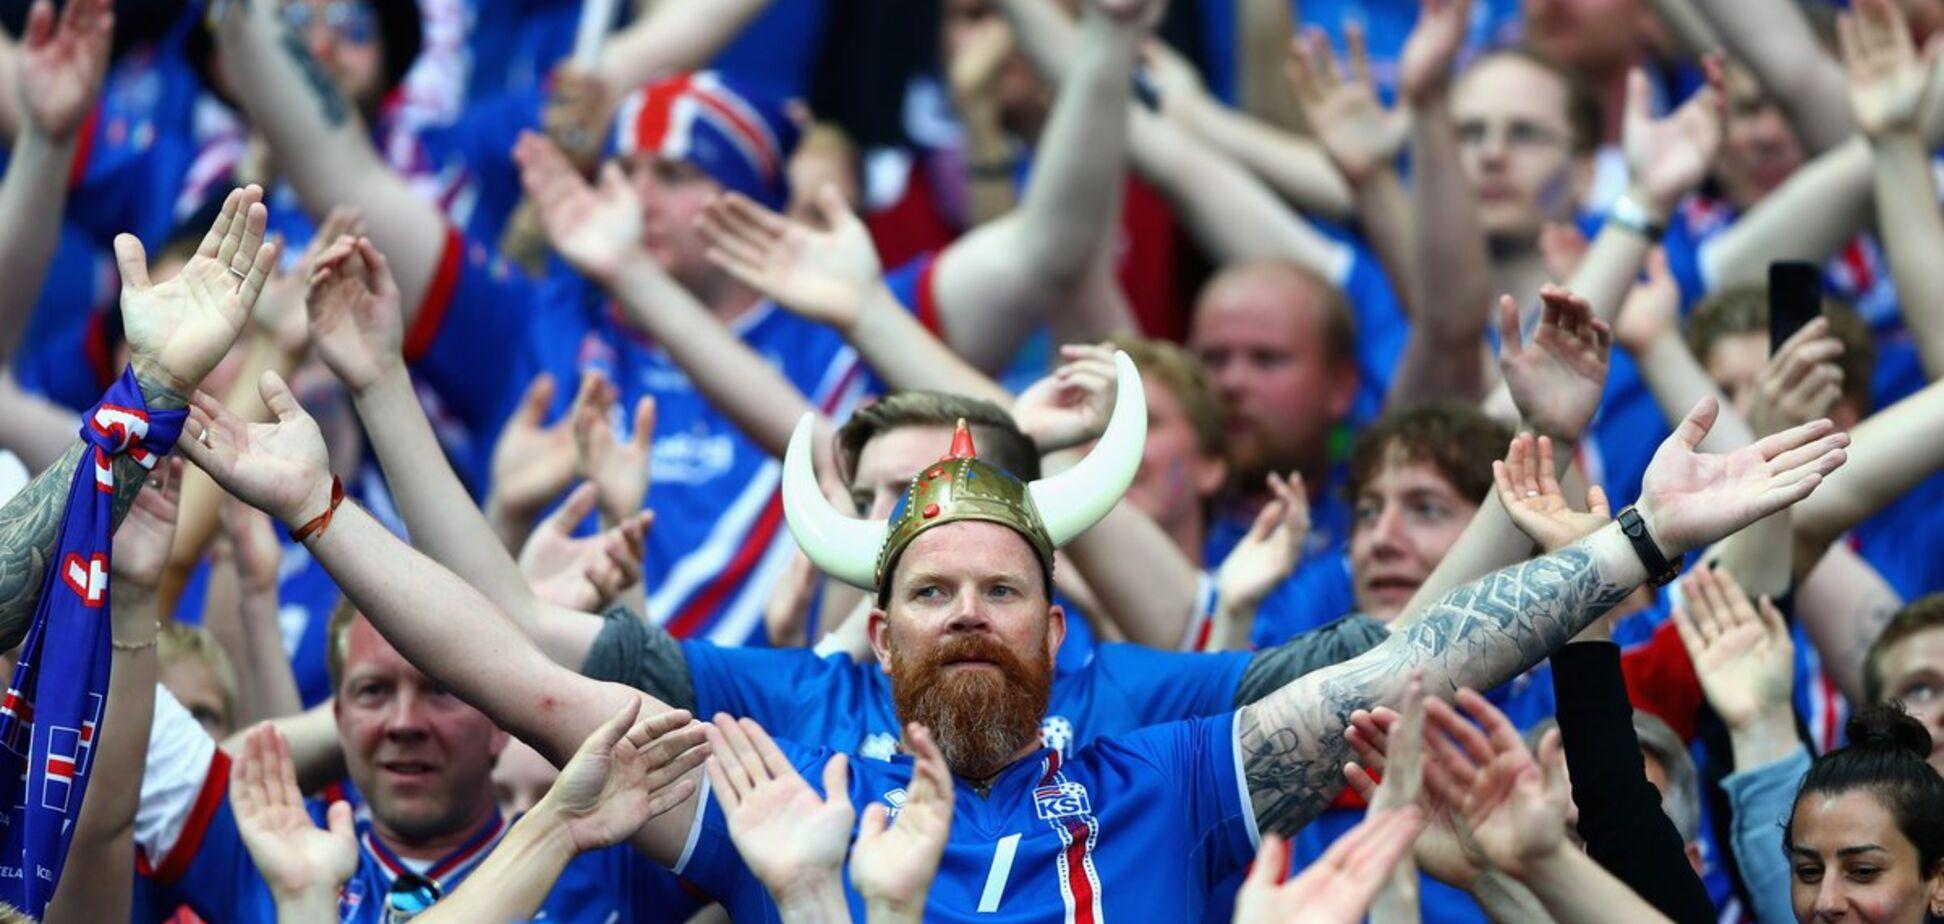 Нігерія - Ісландія: де дивитися, прогноз на матч ЧС-2018